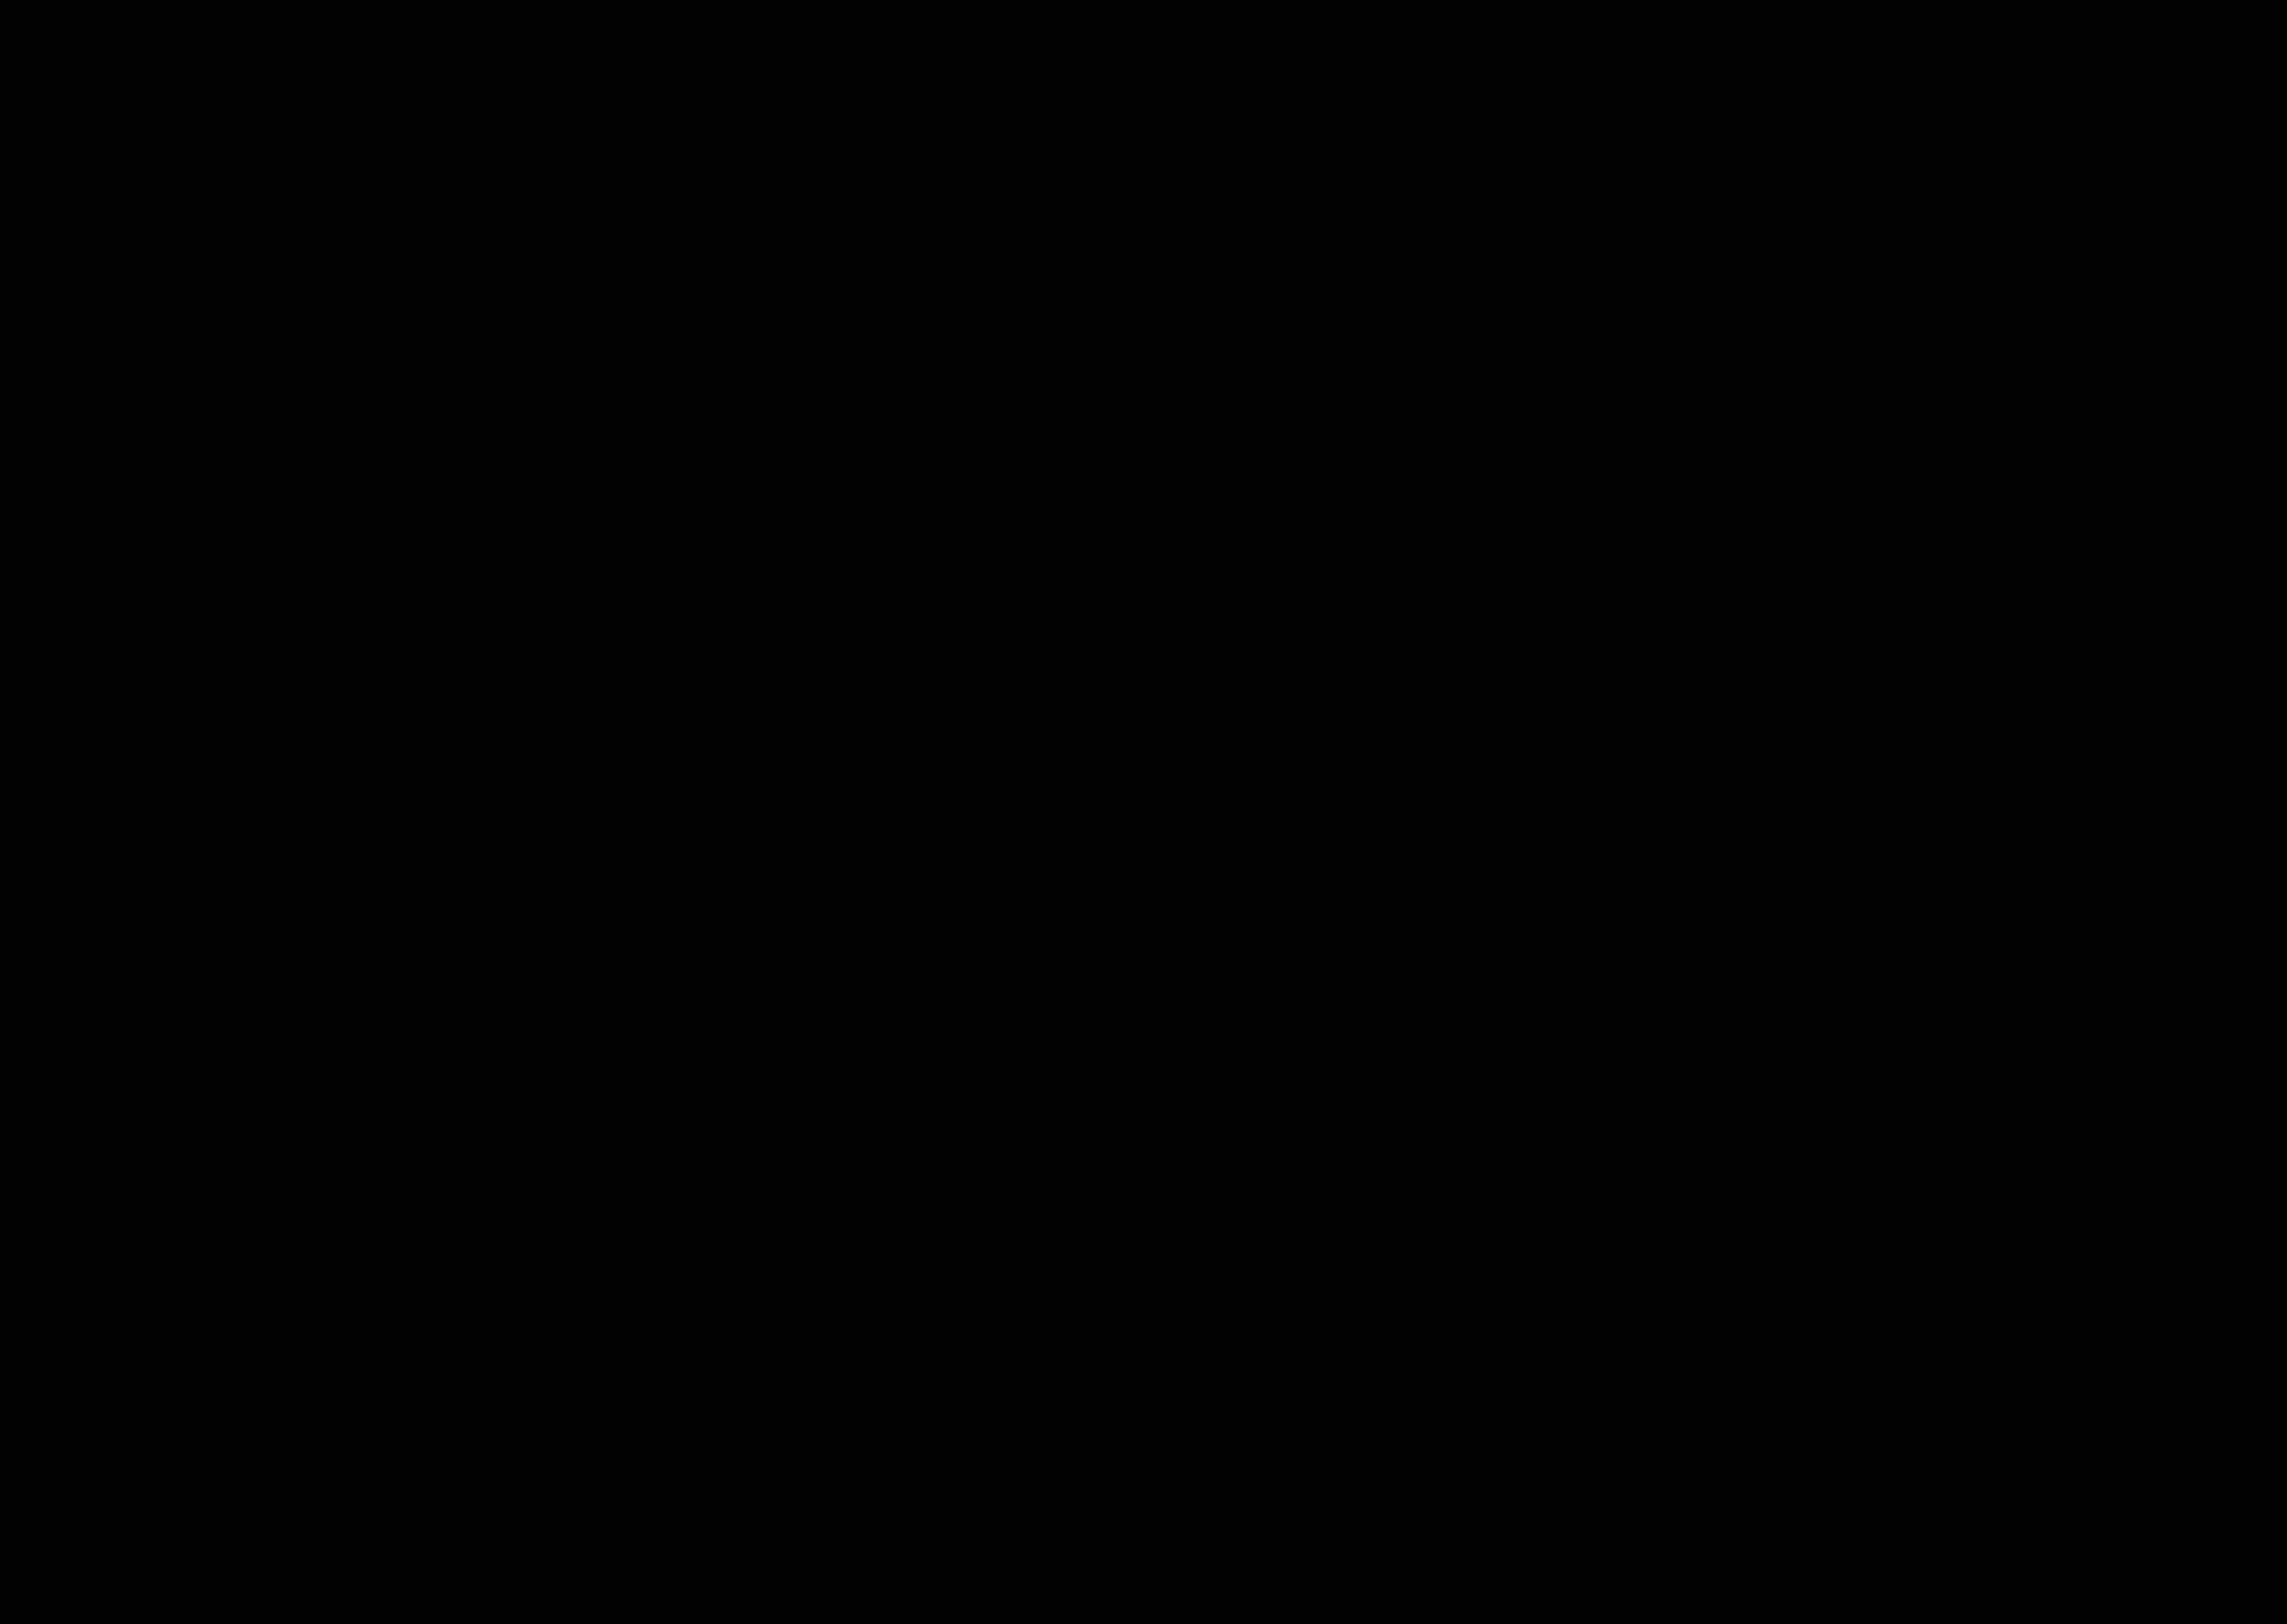 Graduados de doctorado en Colombia por área de estudio desde 2001 a 2017